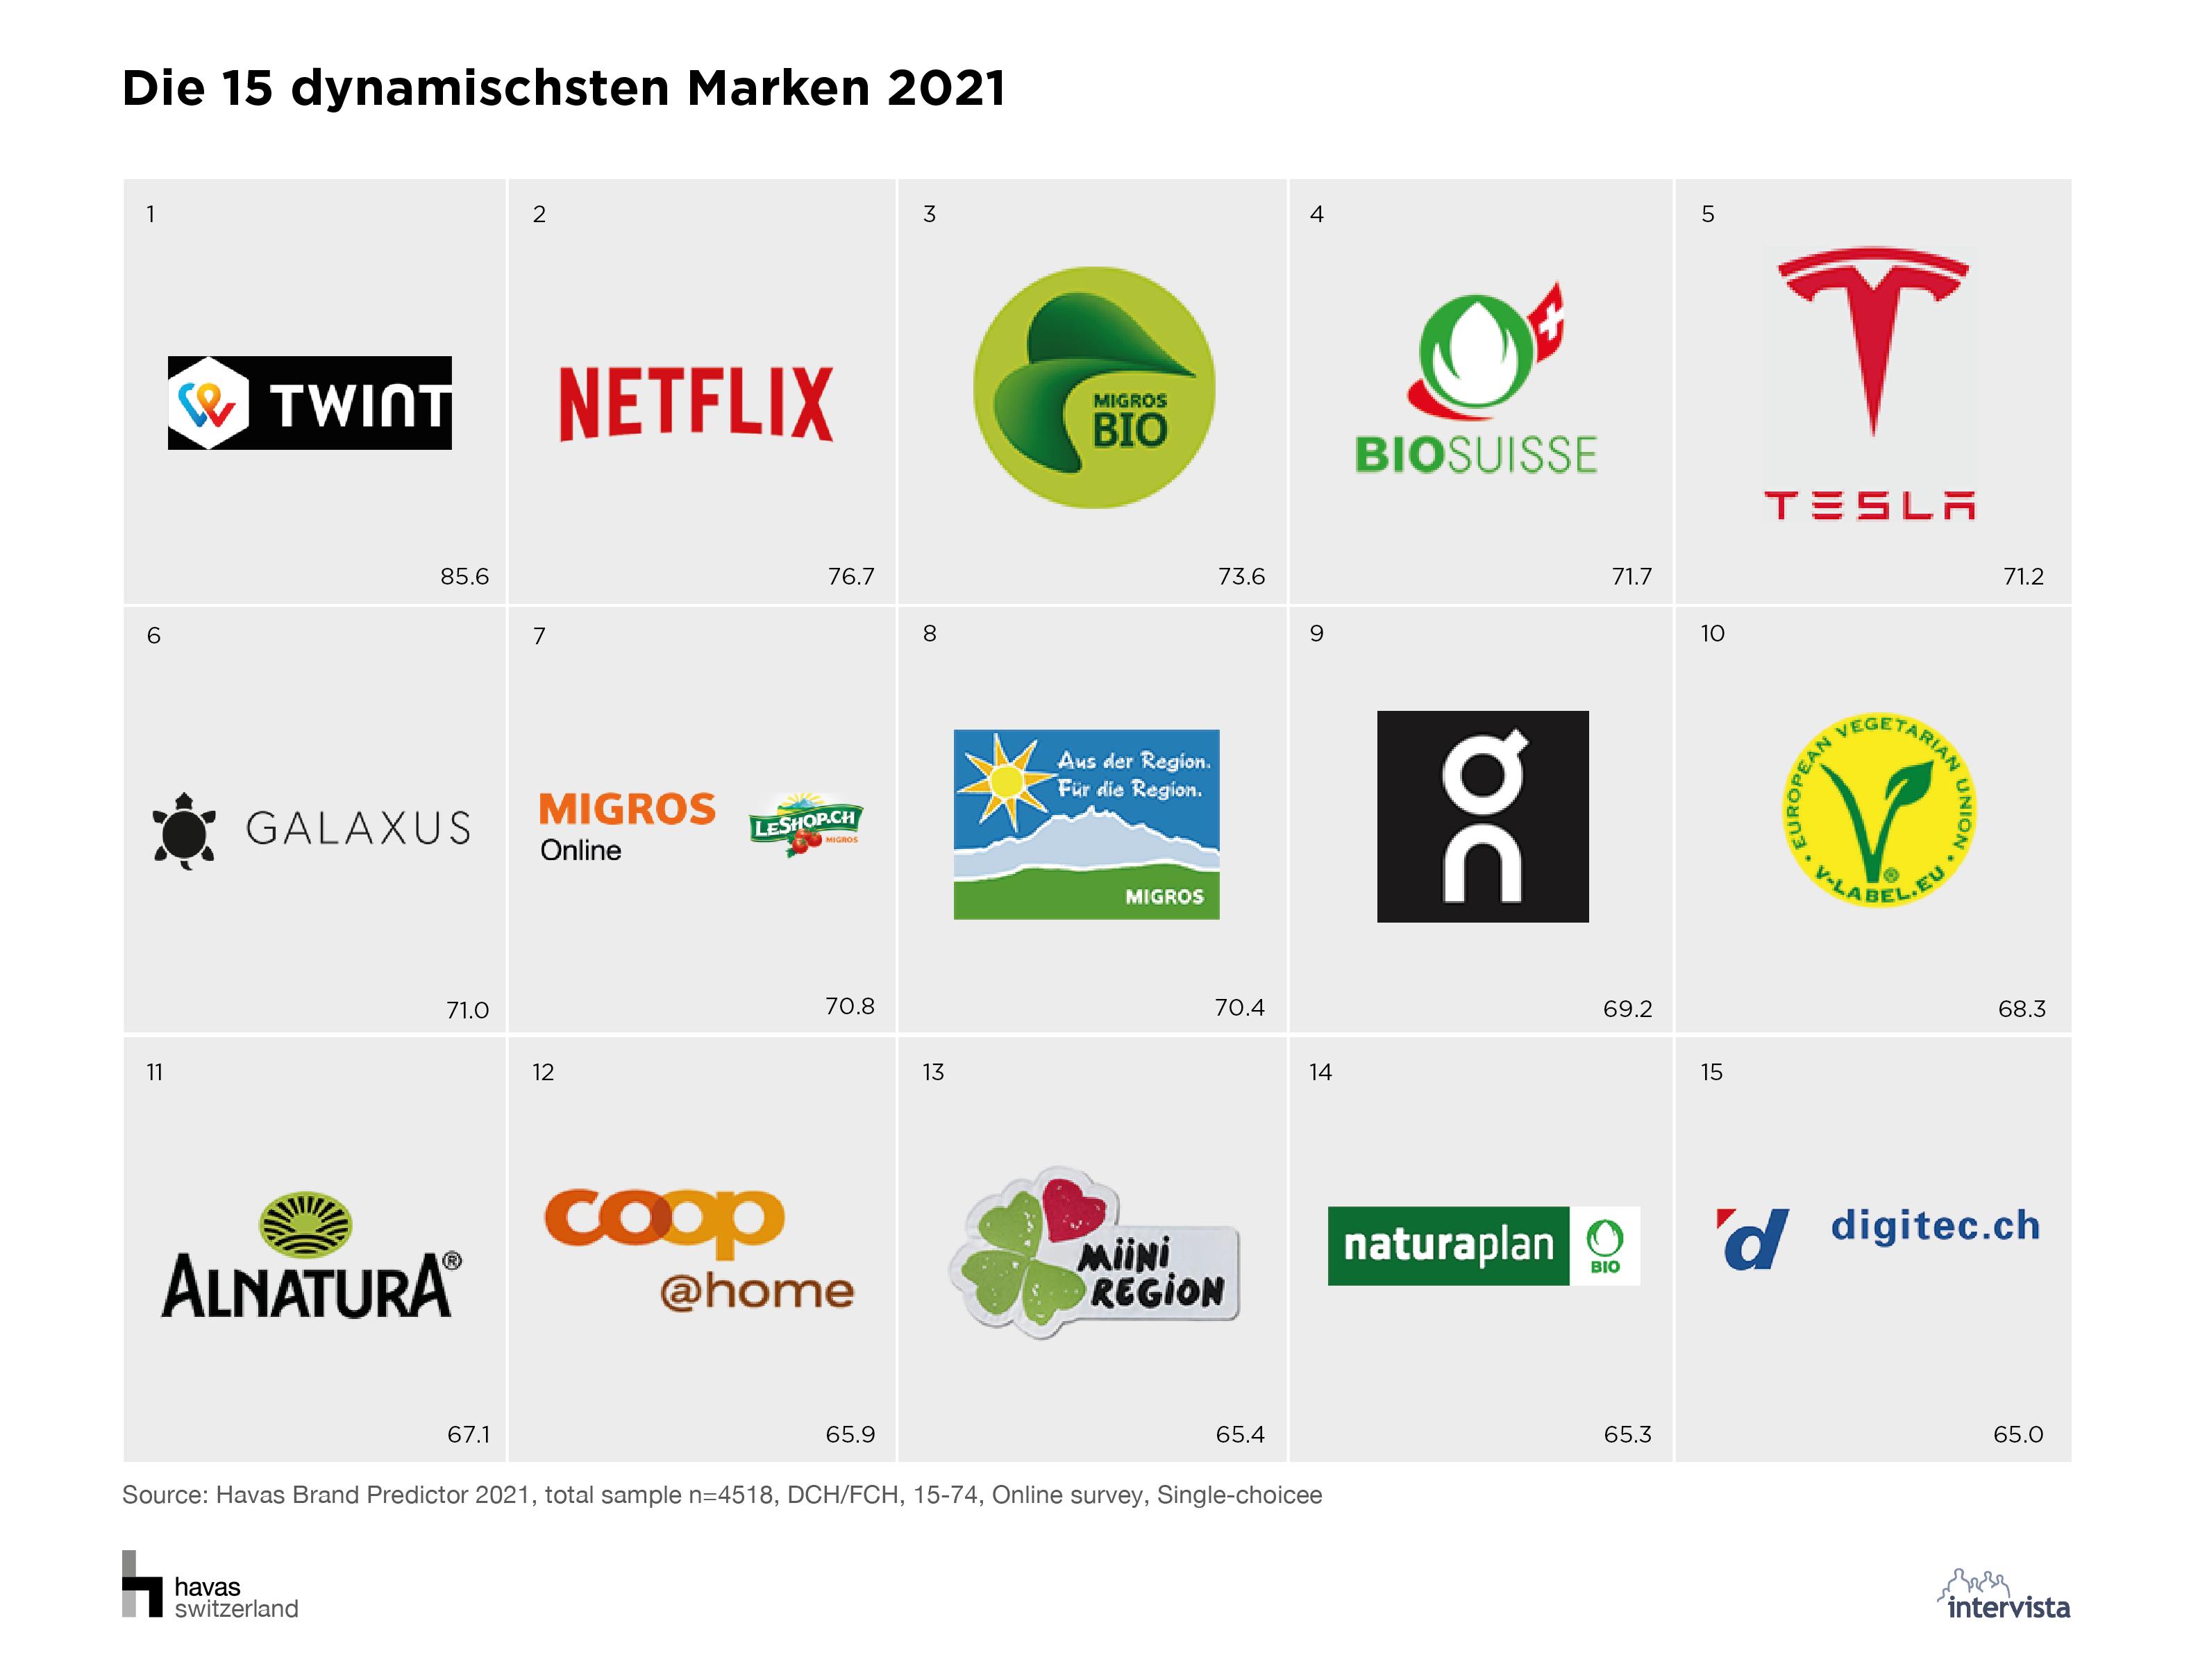 01_Die 15 dynamischsten Marken 2021